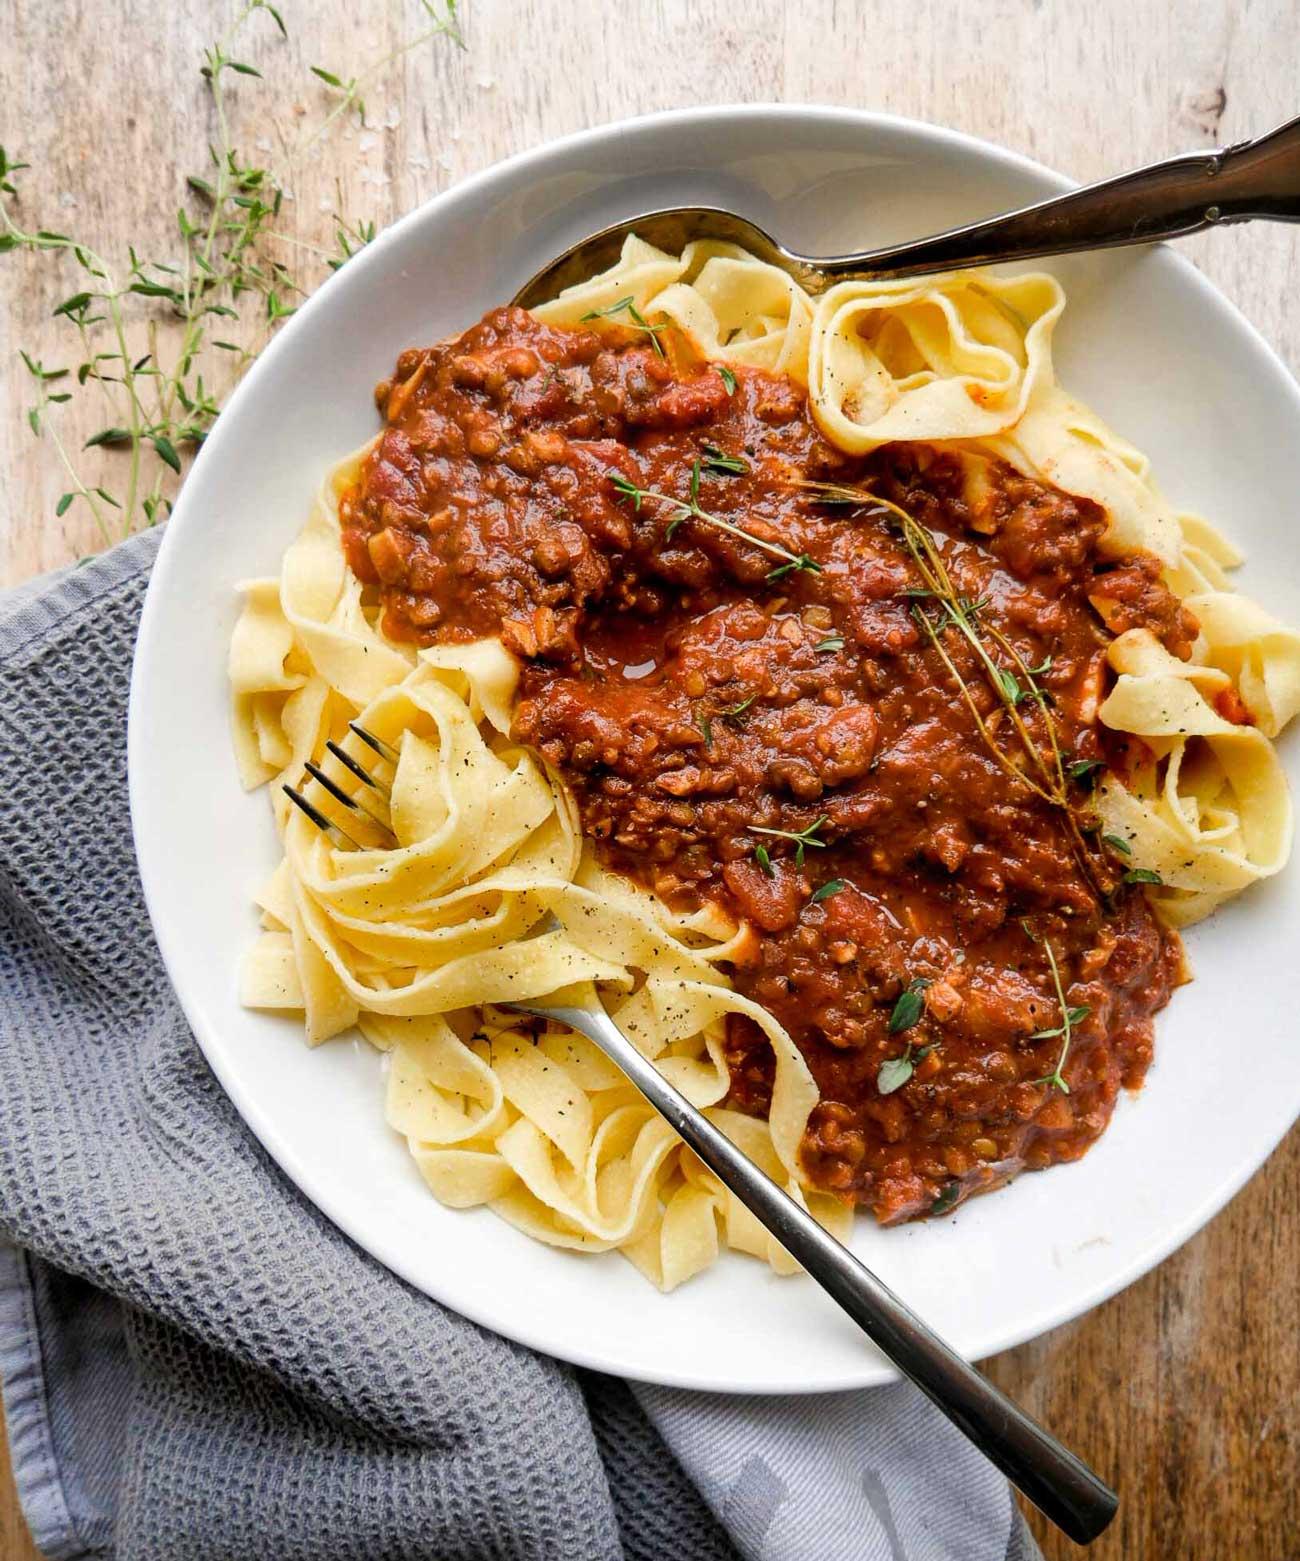 vegansk bolognese med kødsovs af linser